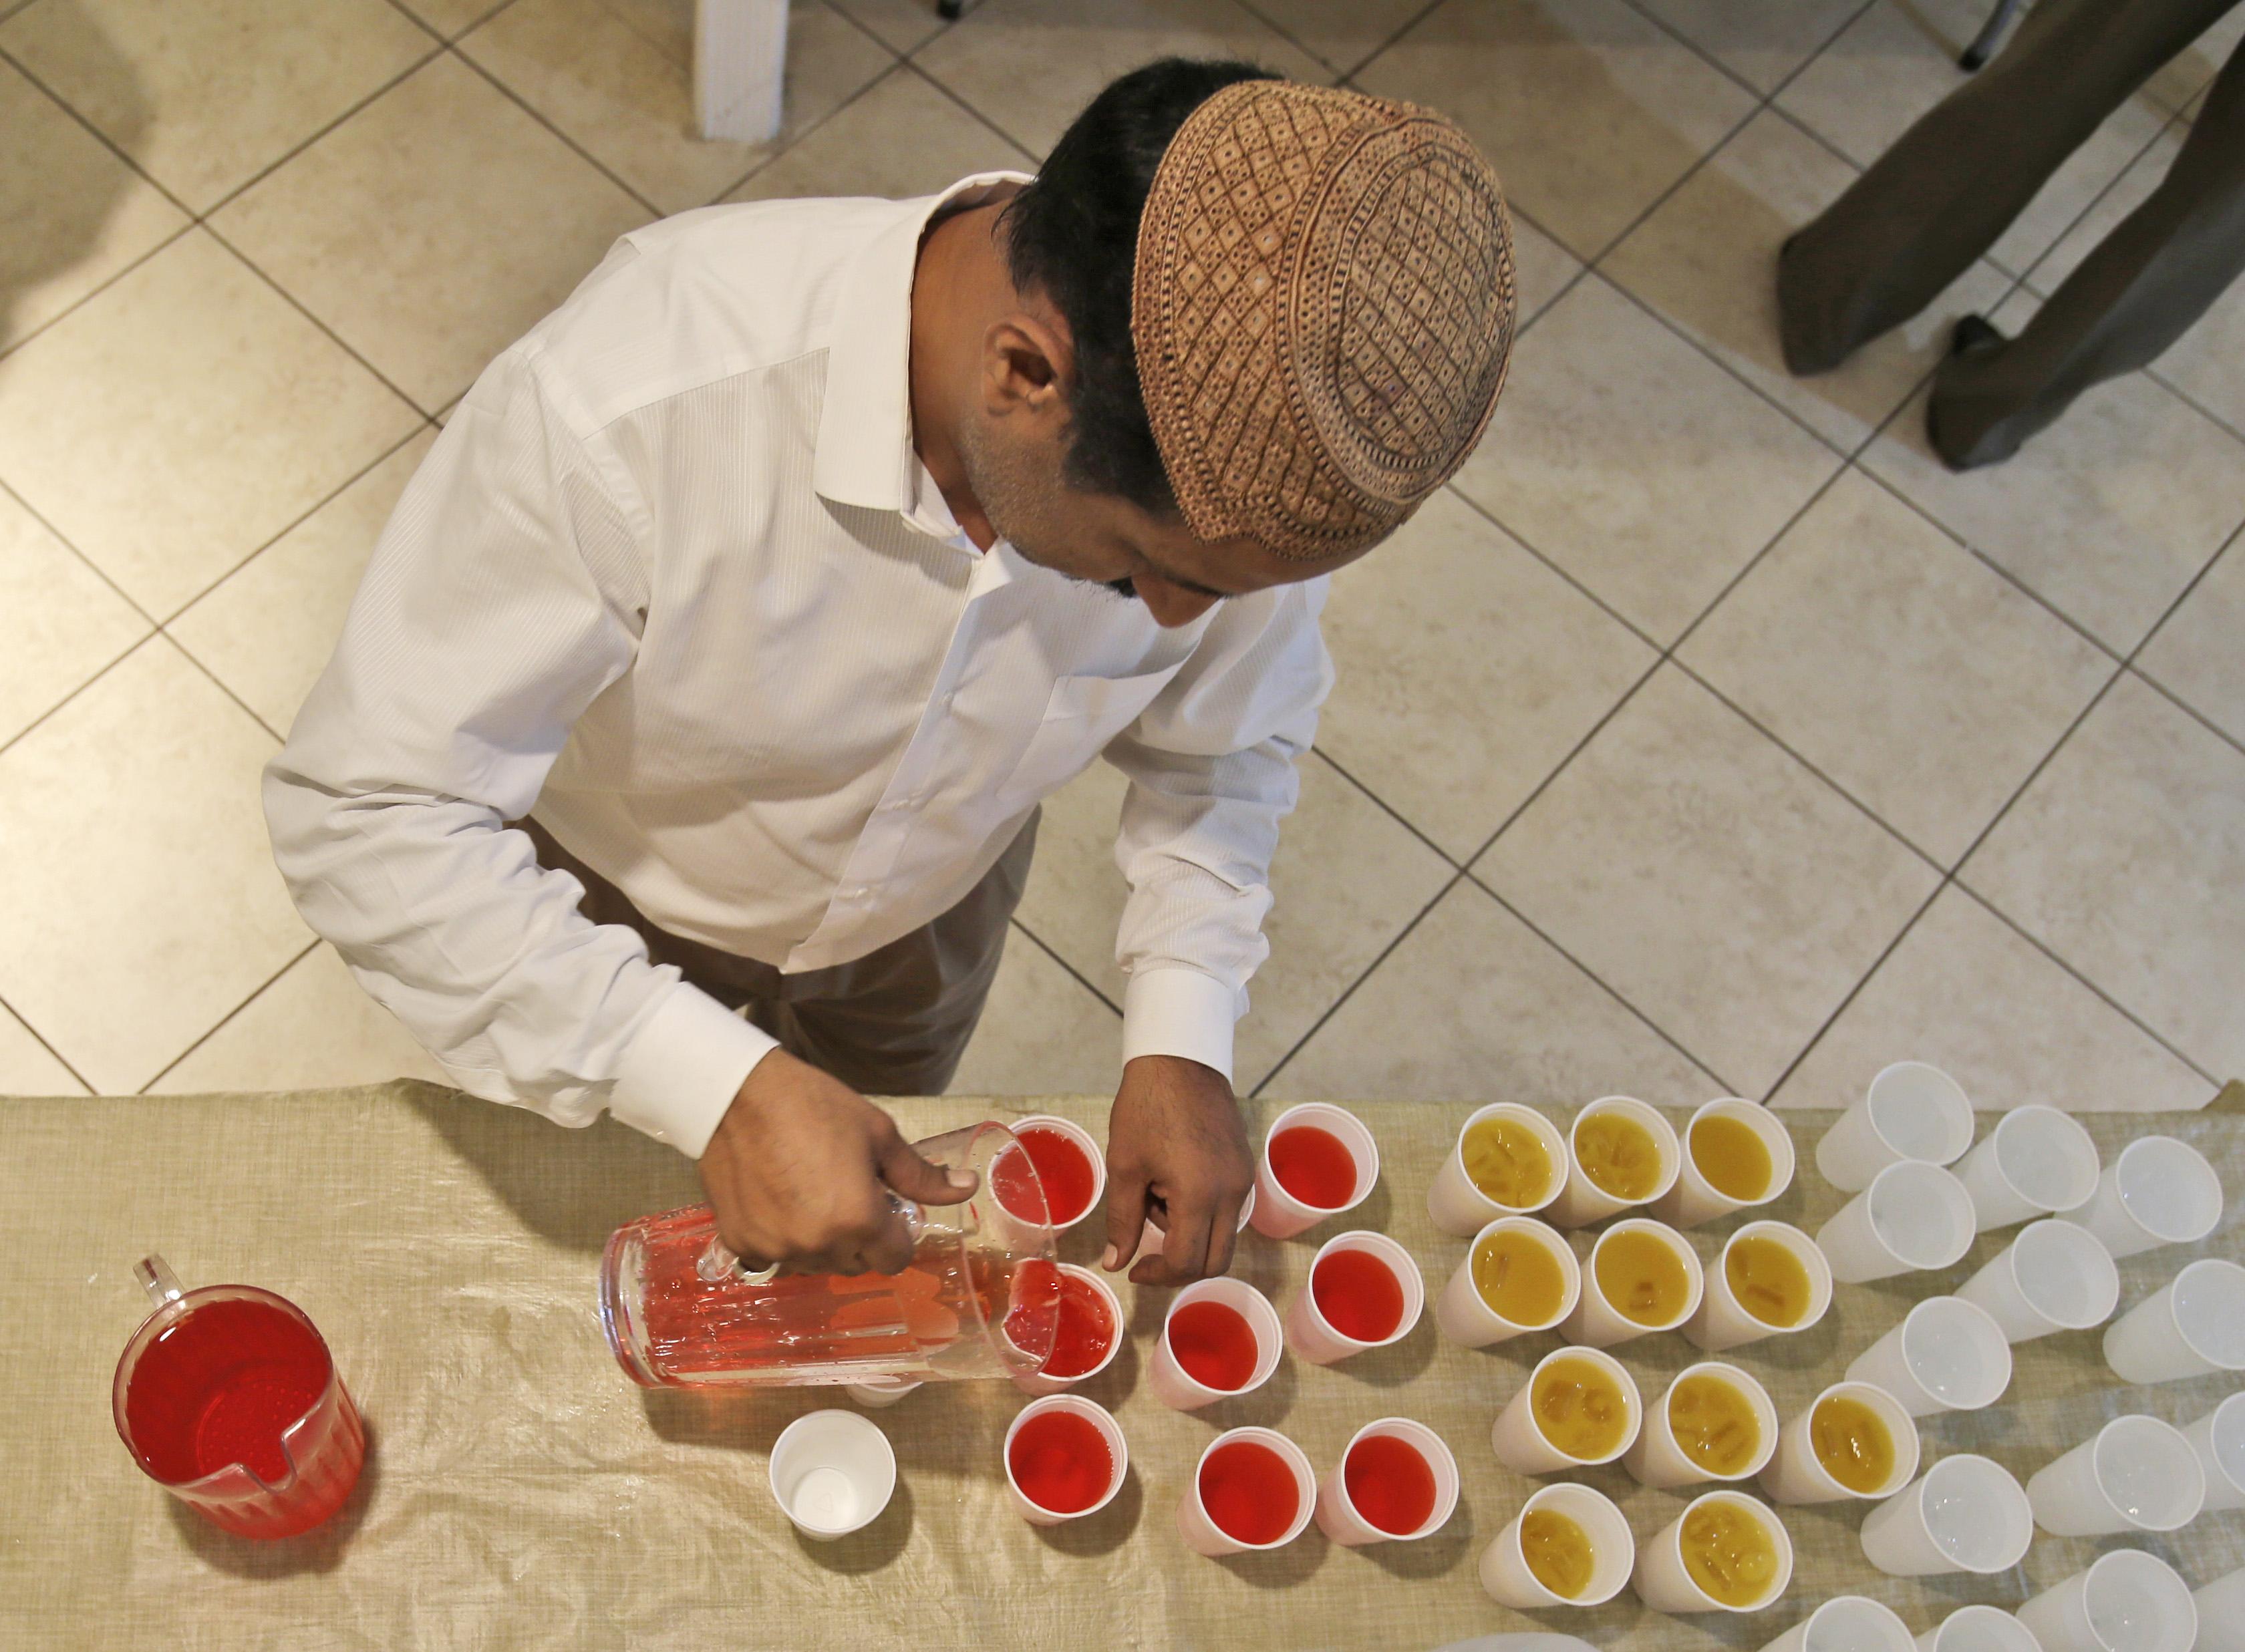 Vu du dessus, un homme coiffé d'une calotte, verse des boissons de couleur dans des verres en plastique. (© AP Images)